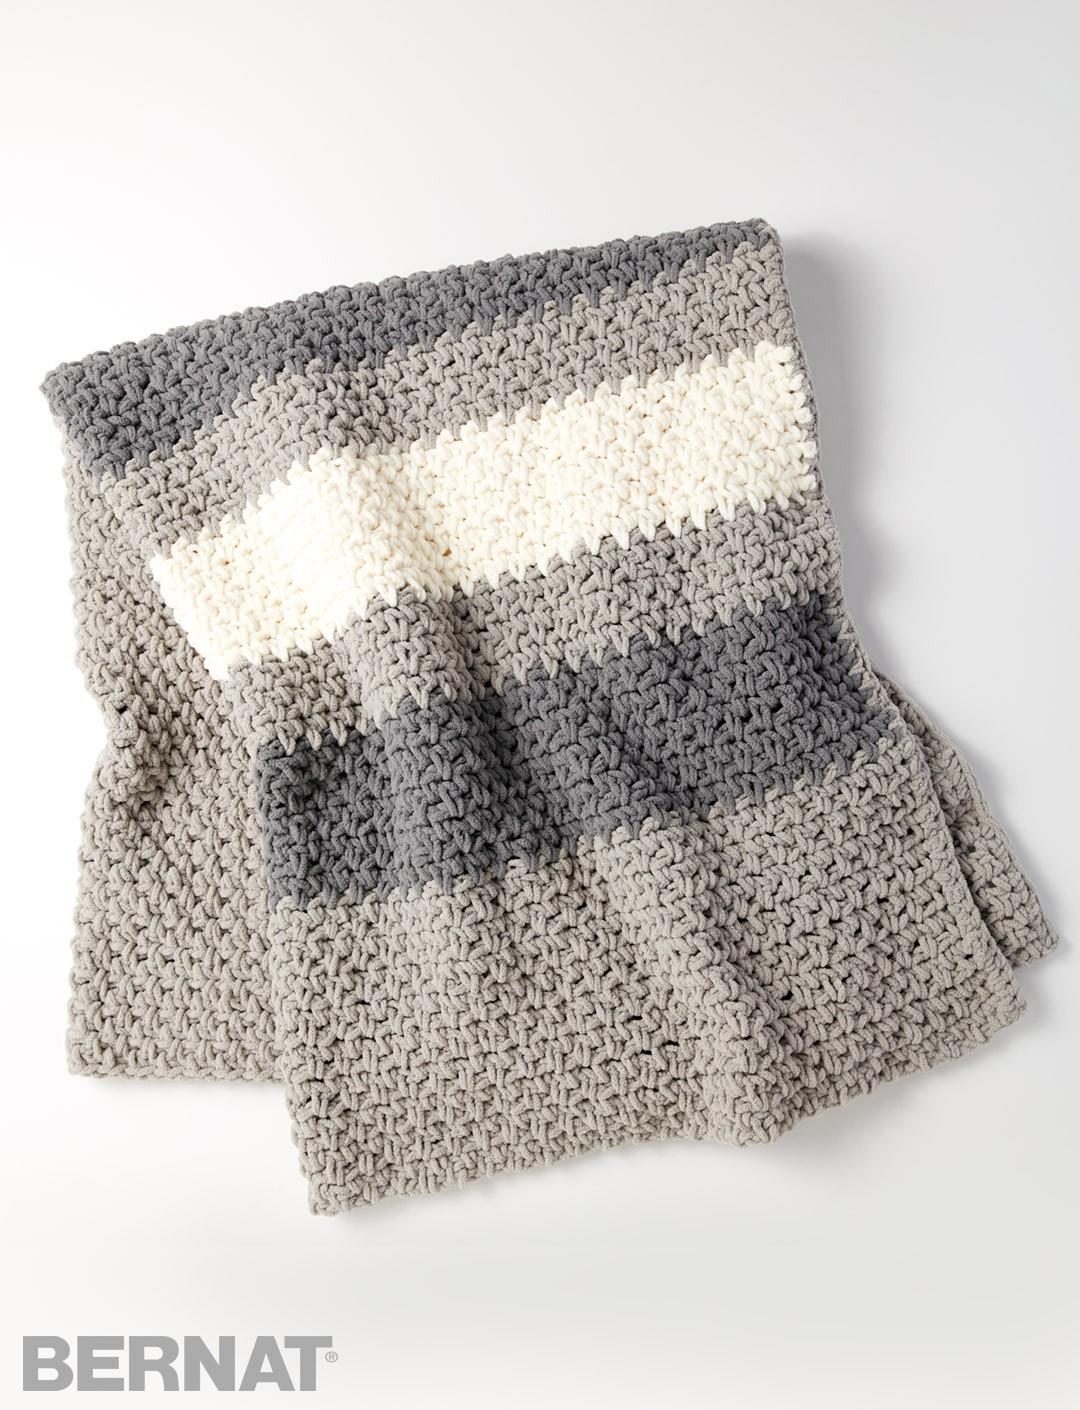 Crochet Hibernate Blanket + Tutorial - The Crochet Crowd®